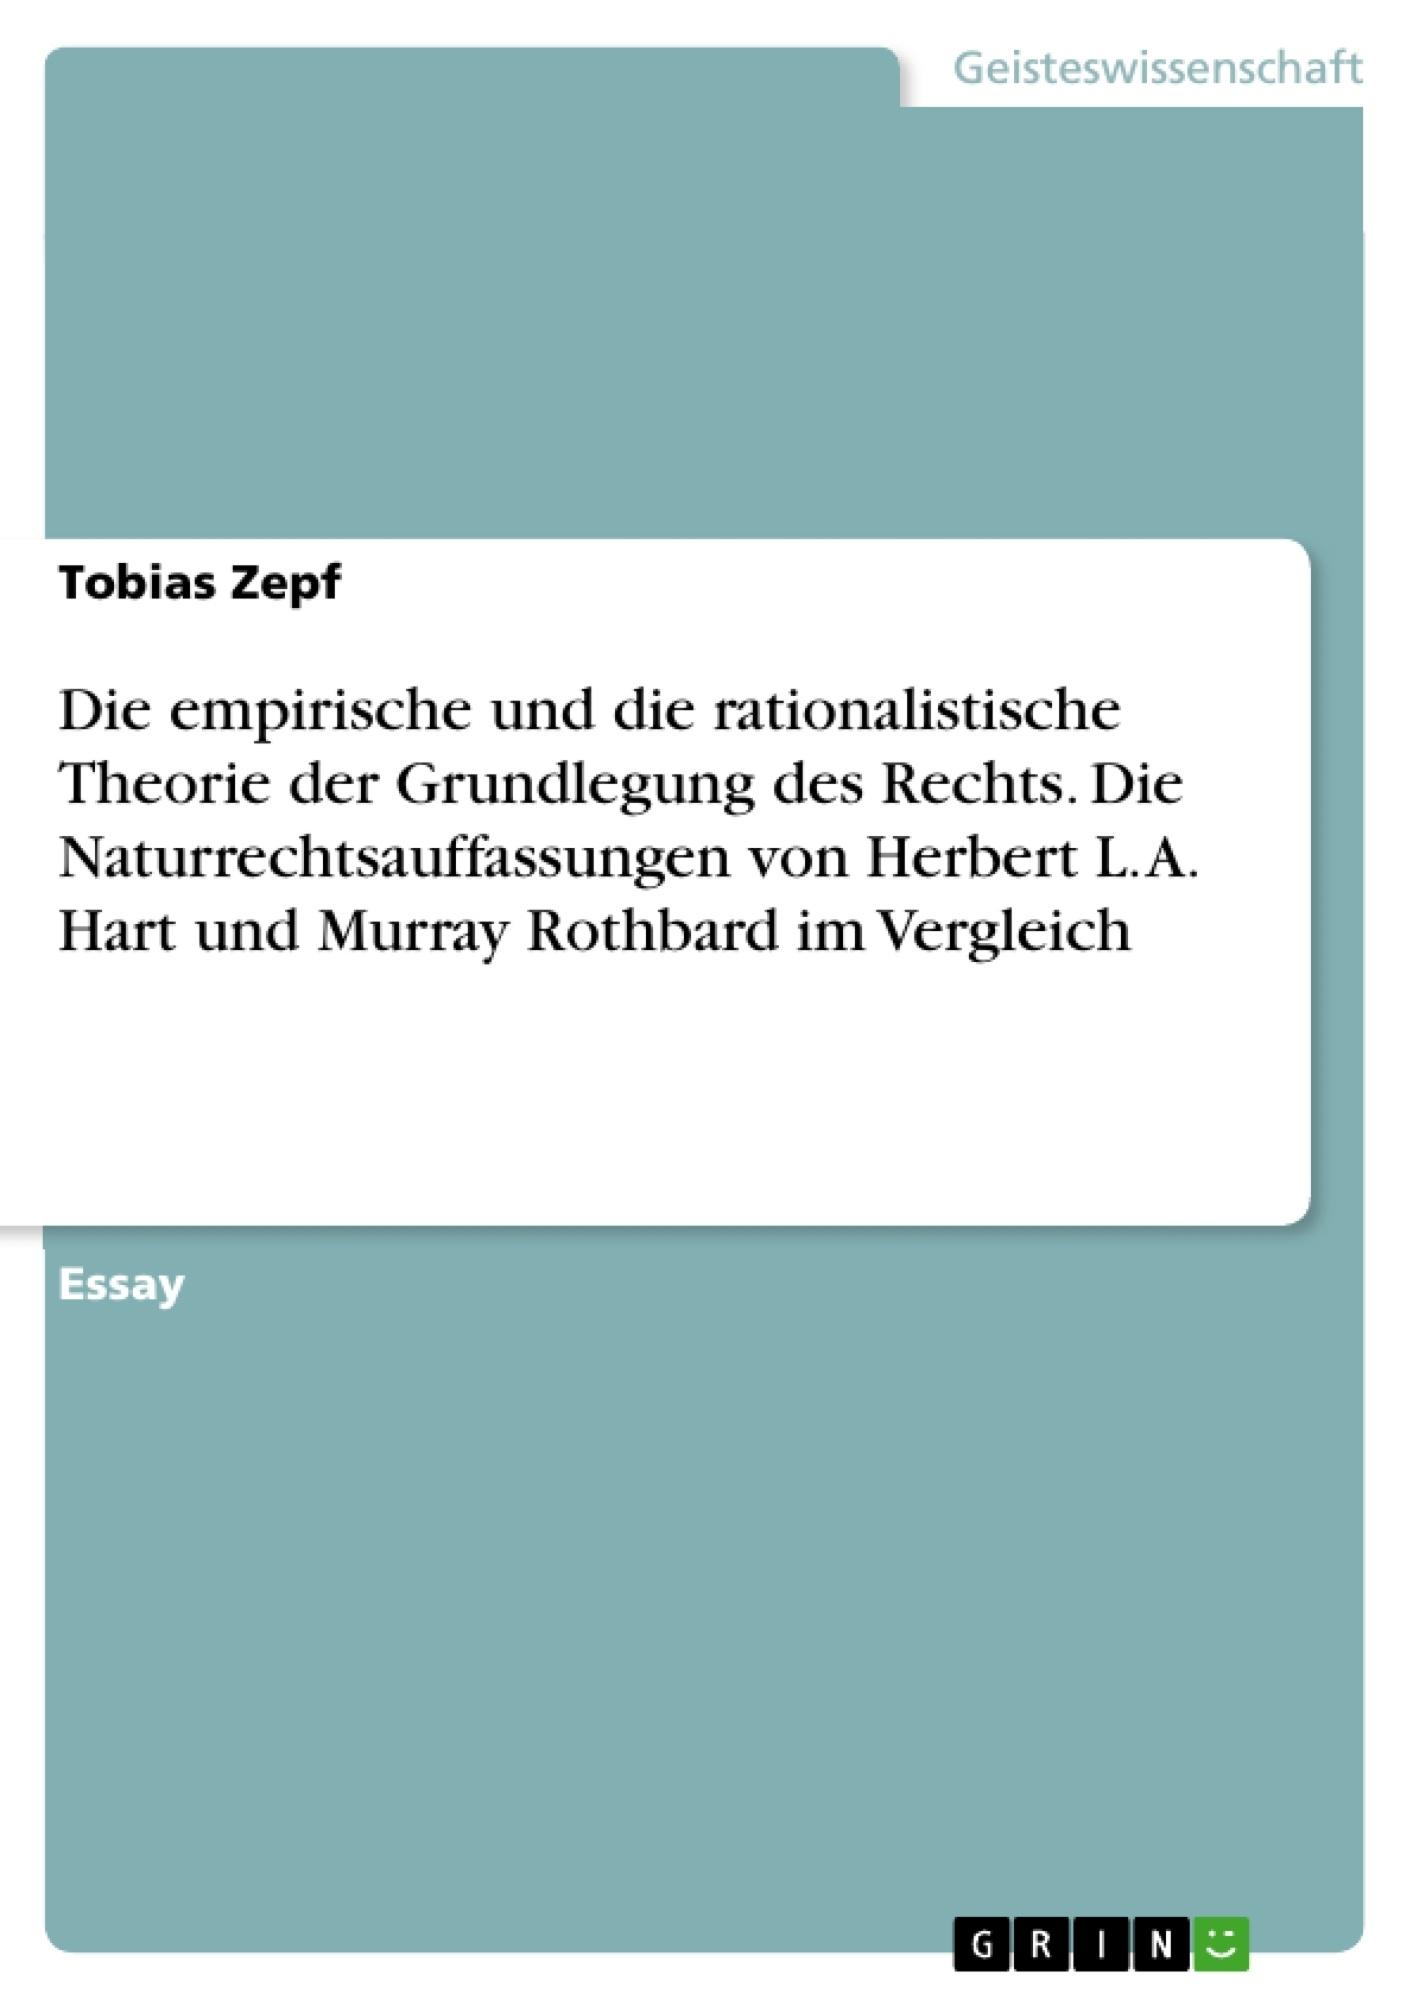 Titel: Die empirische und die rationalistische Theorie der Grundlegung des Rechts. Die Naturrechtsauffassungen von Herbert L. A. Hart und Murray Rothbard im Vergleich